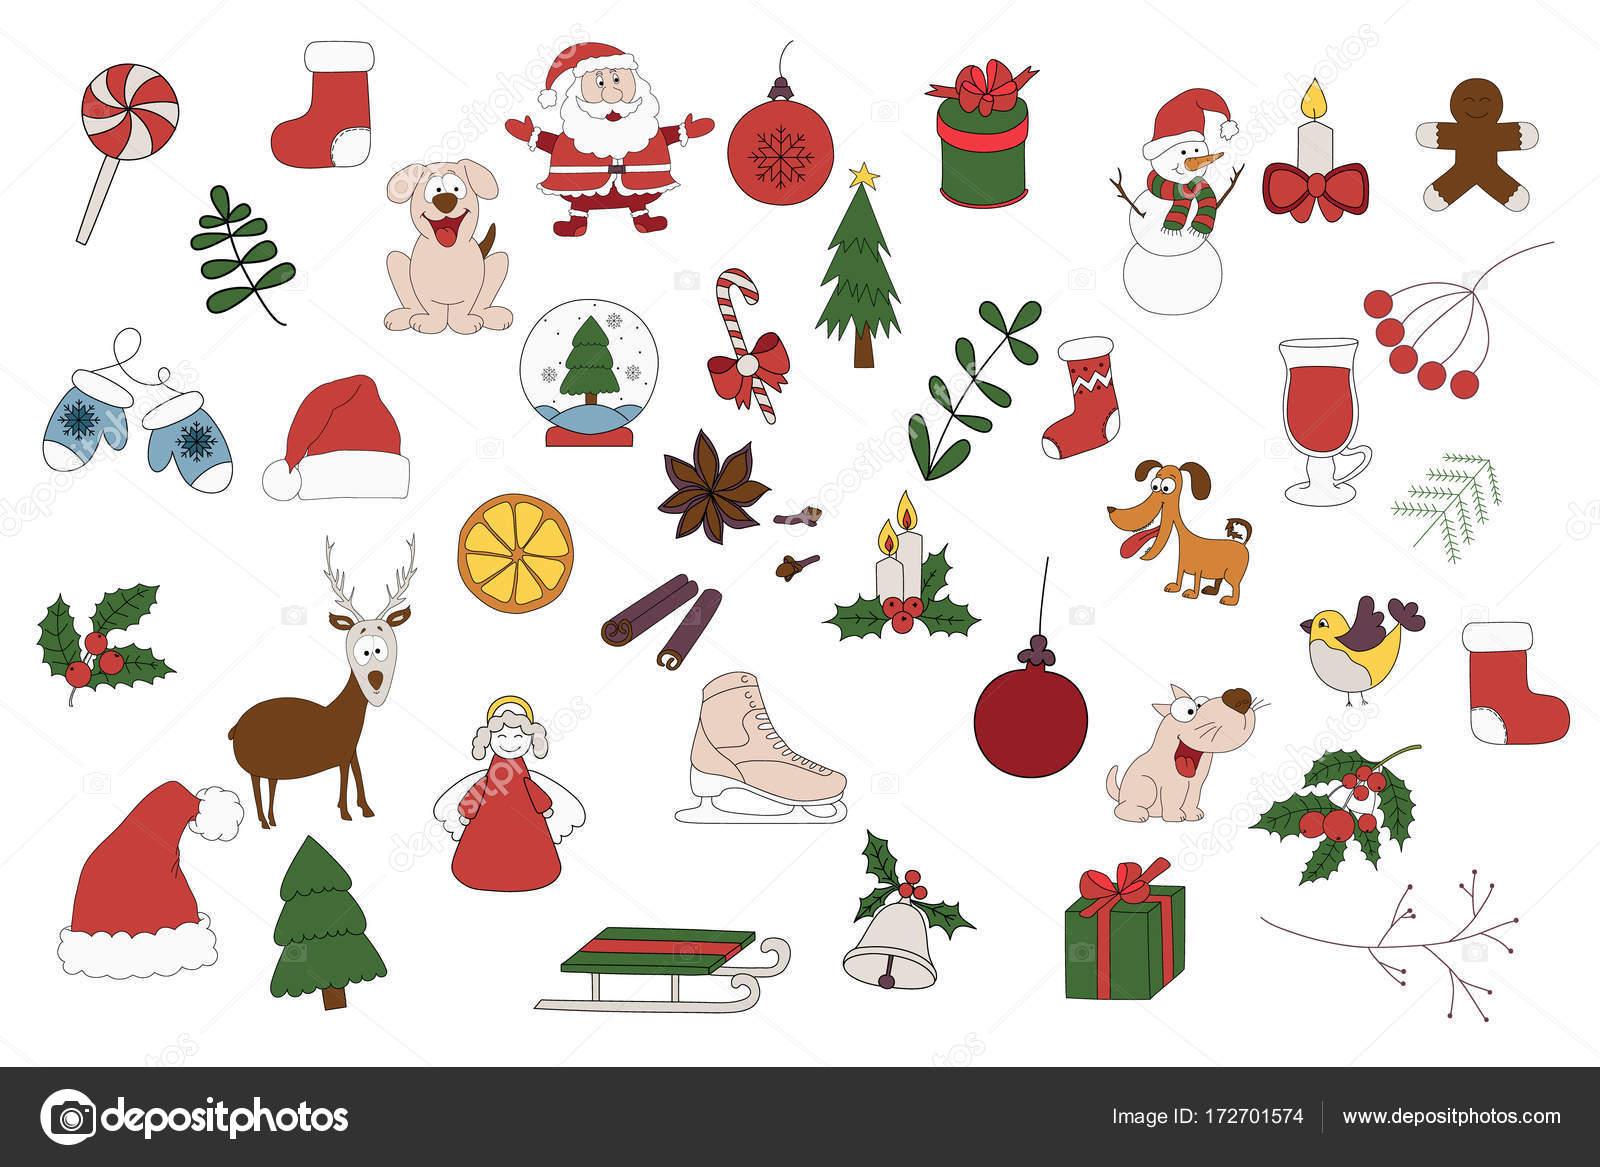 Frohe Weihnachten Aufkleber.Frohe Weihnachten Abzeichen Patches Aufkleber Eine Reihe Von